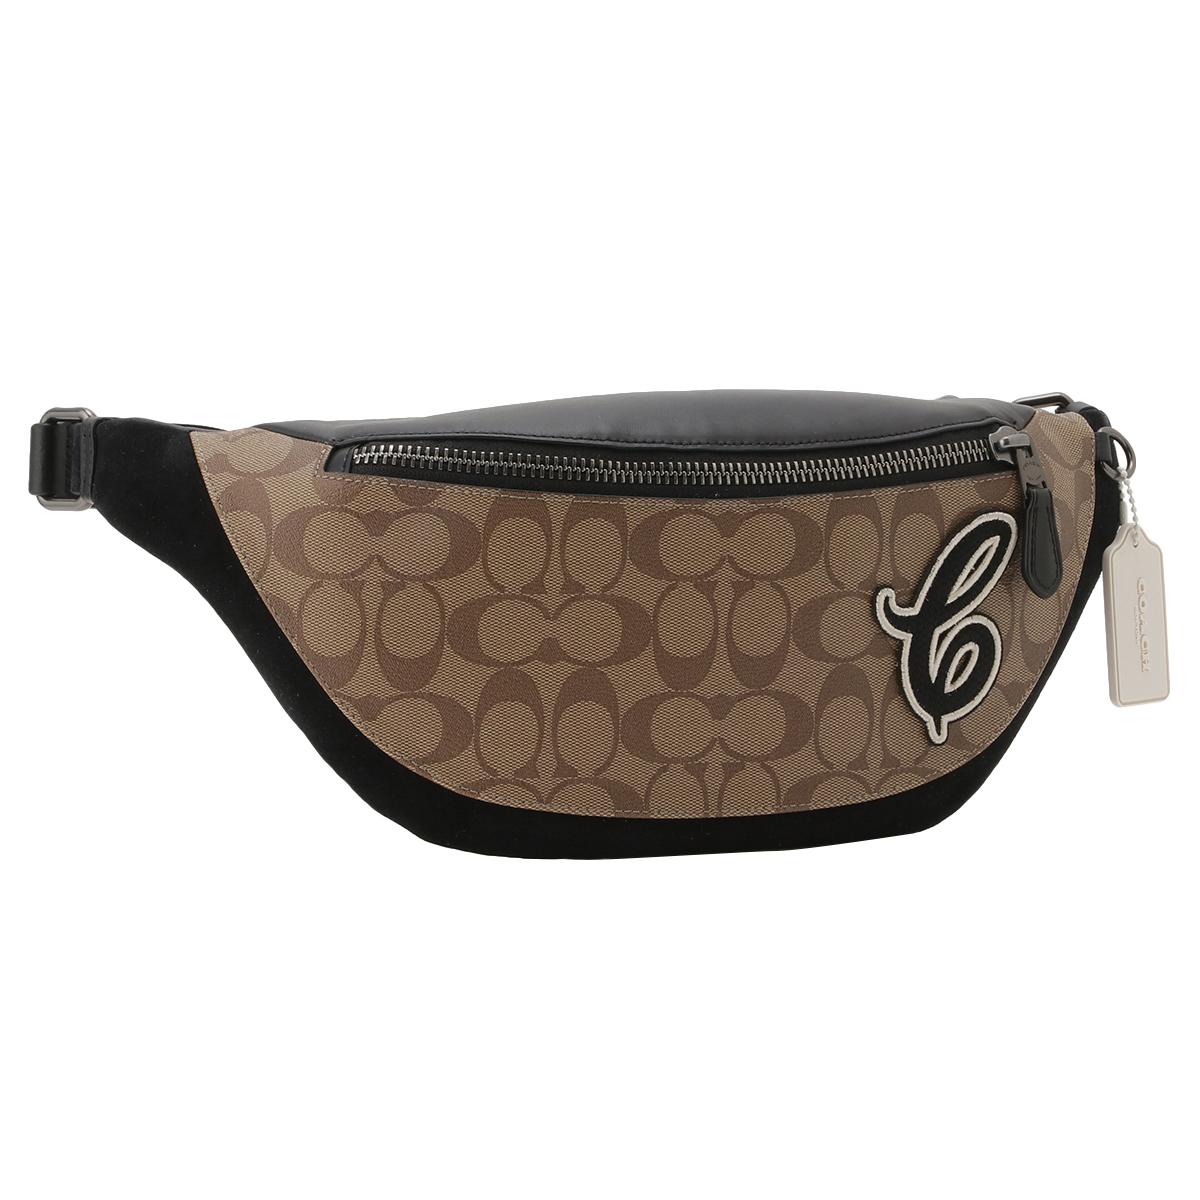 【即納】コーチ Coach メンズ バッグ ボディバッグ・ウエストポーチ【Belt Bag】QBTAL ファニーパック シグニチャー シグネチャー cロゴ ベルトバッグ